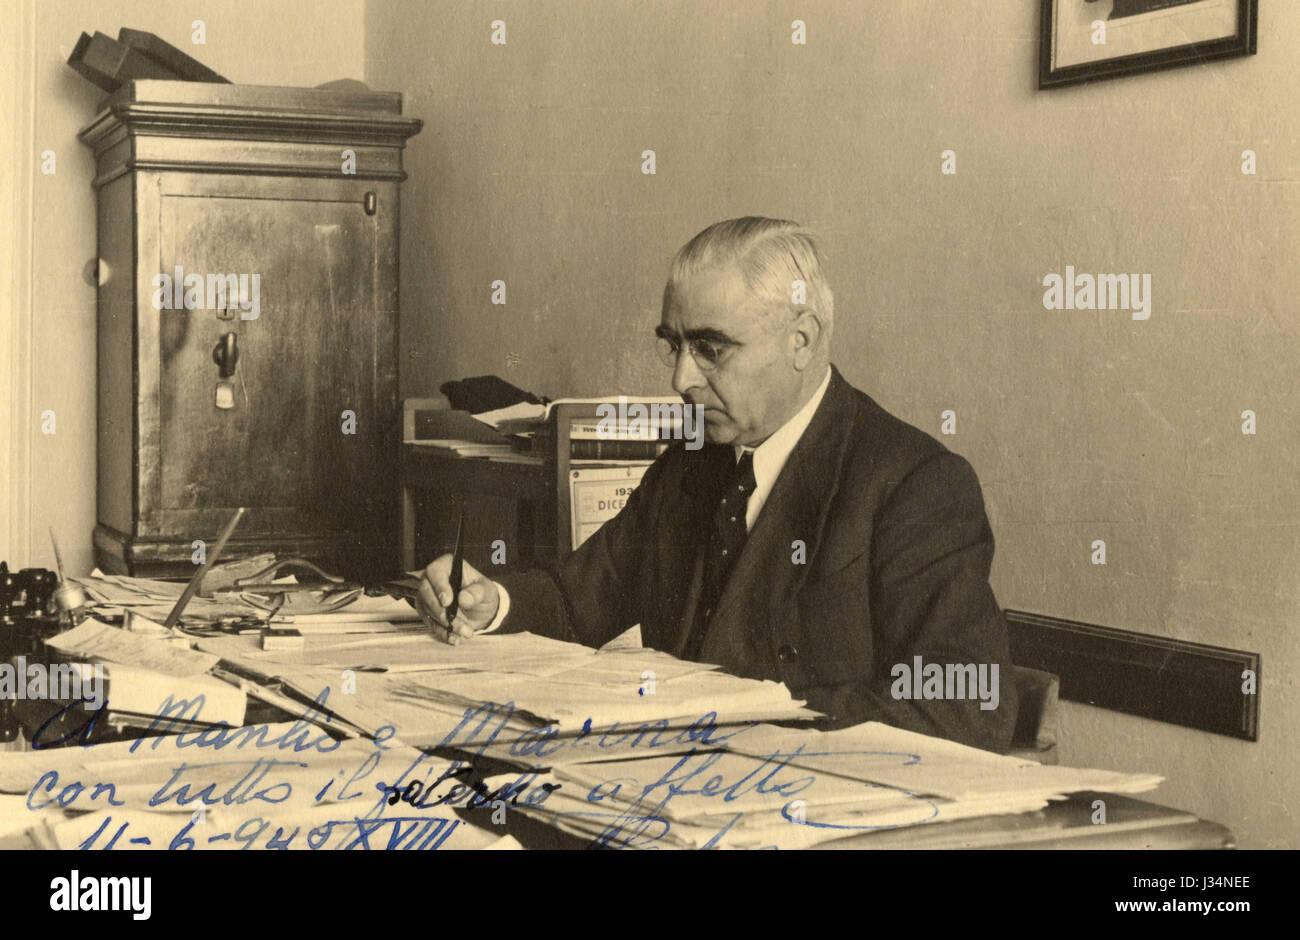 Un addetto alla sua scrivania, Italia 1940 Immagini Stock